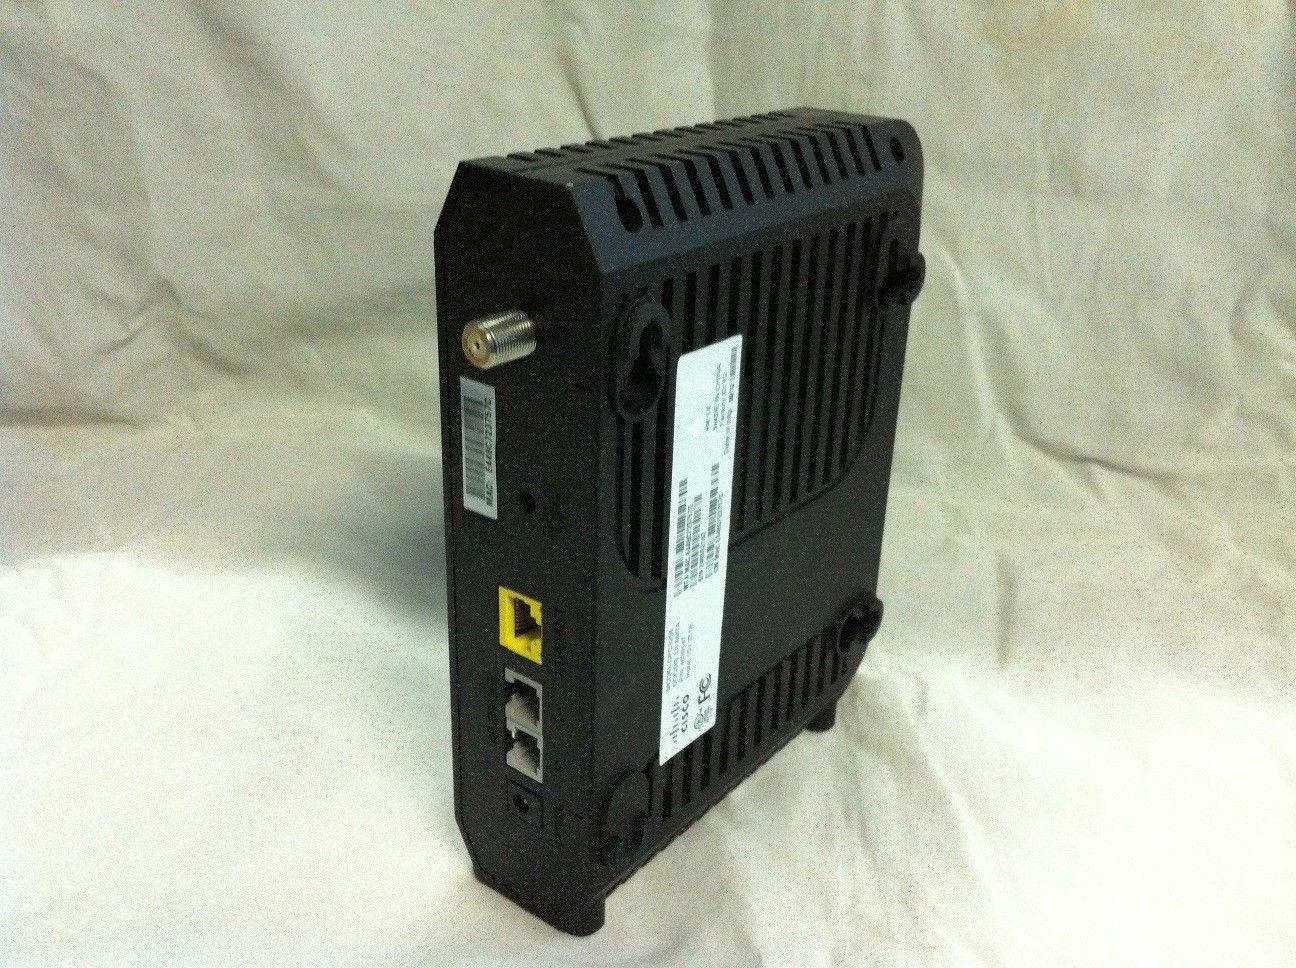 Cisco Dpc3208 Cable Modem Digital Voice Adapter Docsis 3 0